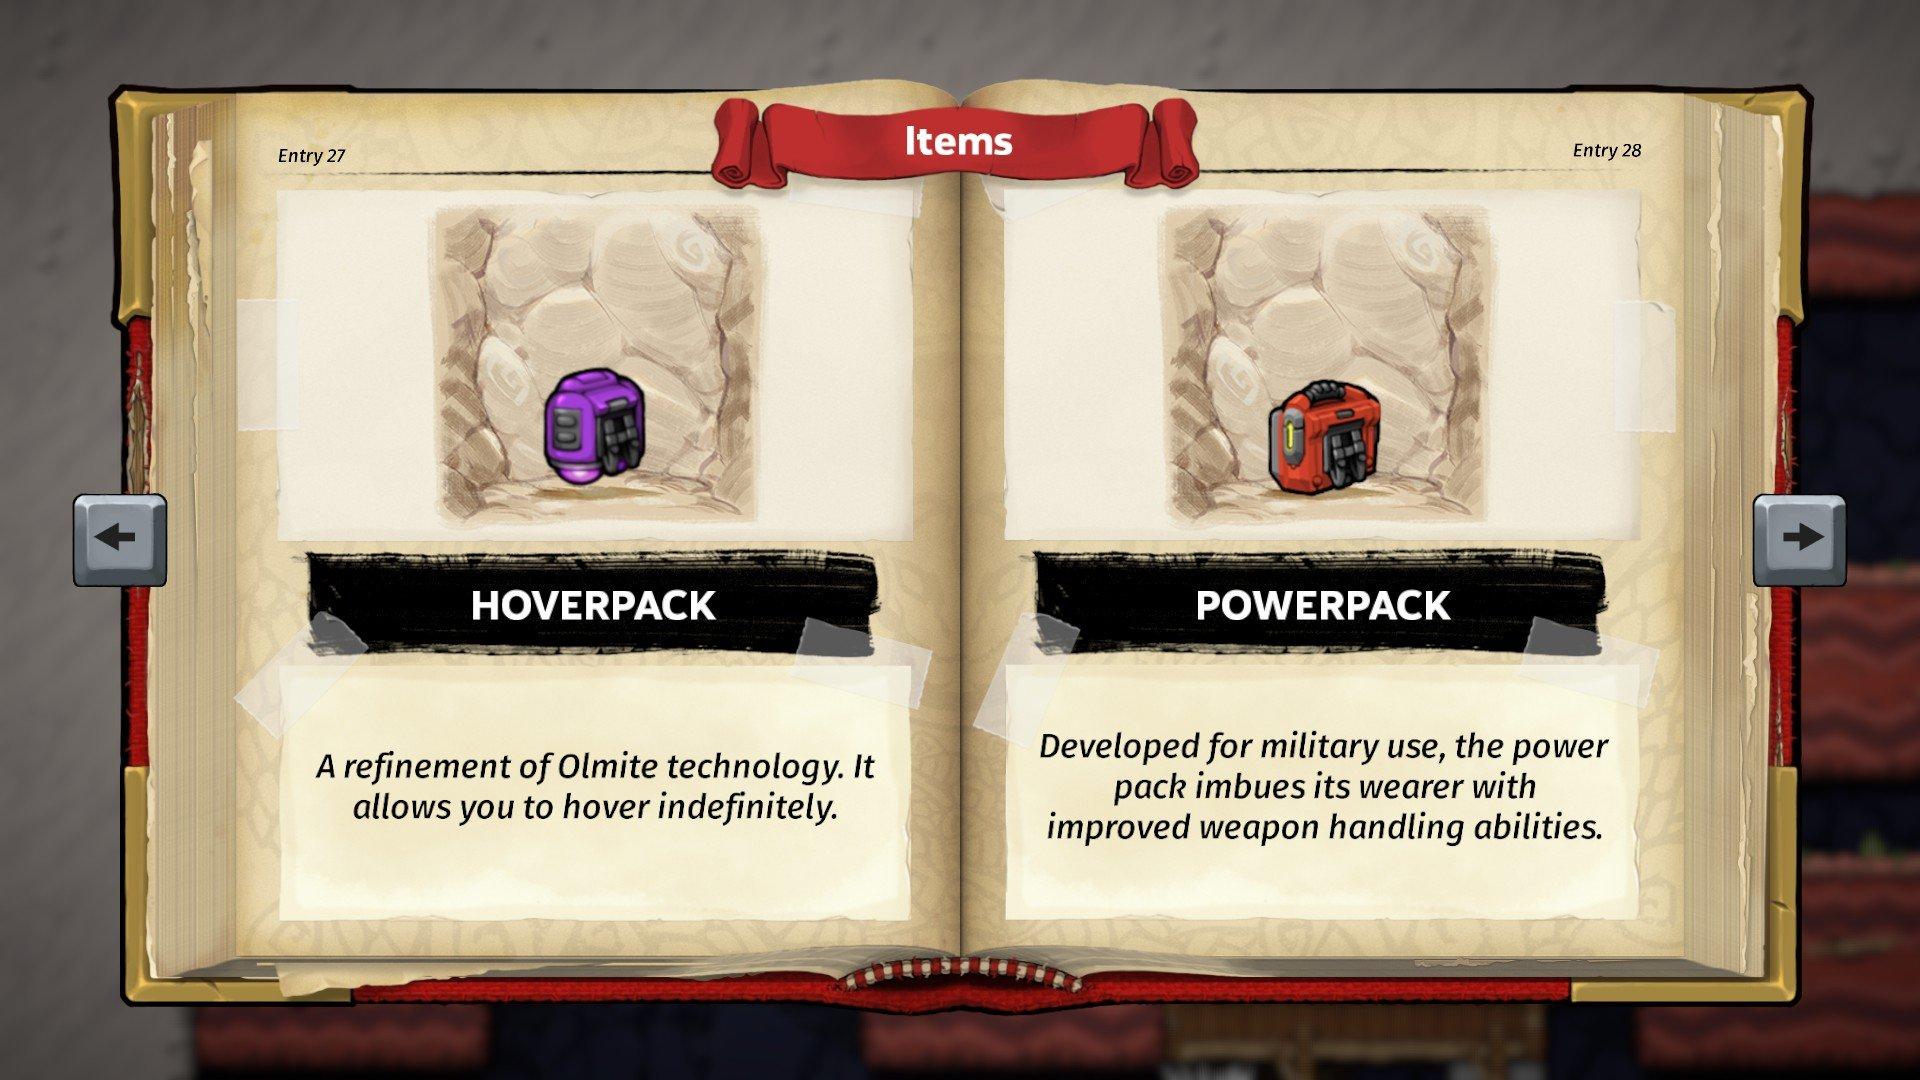 Spelunky 2 - Powerpack Item